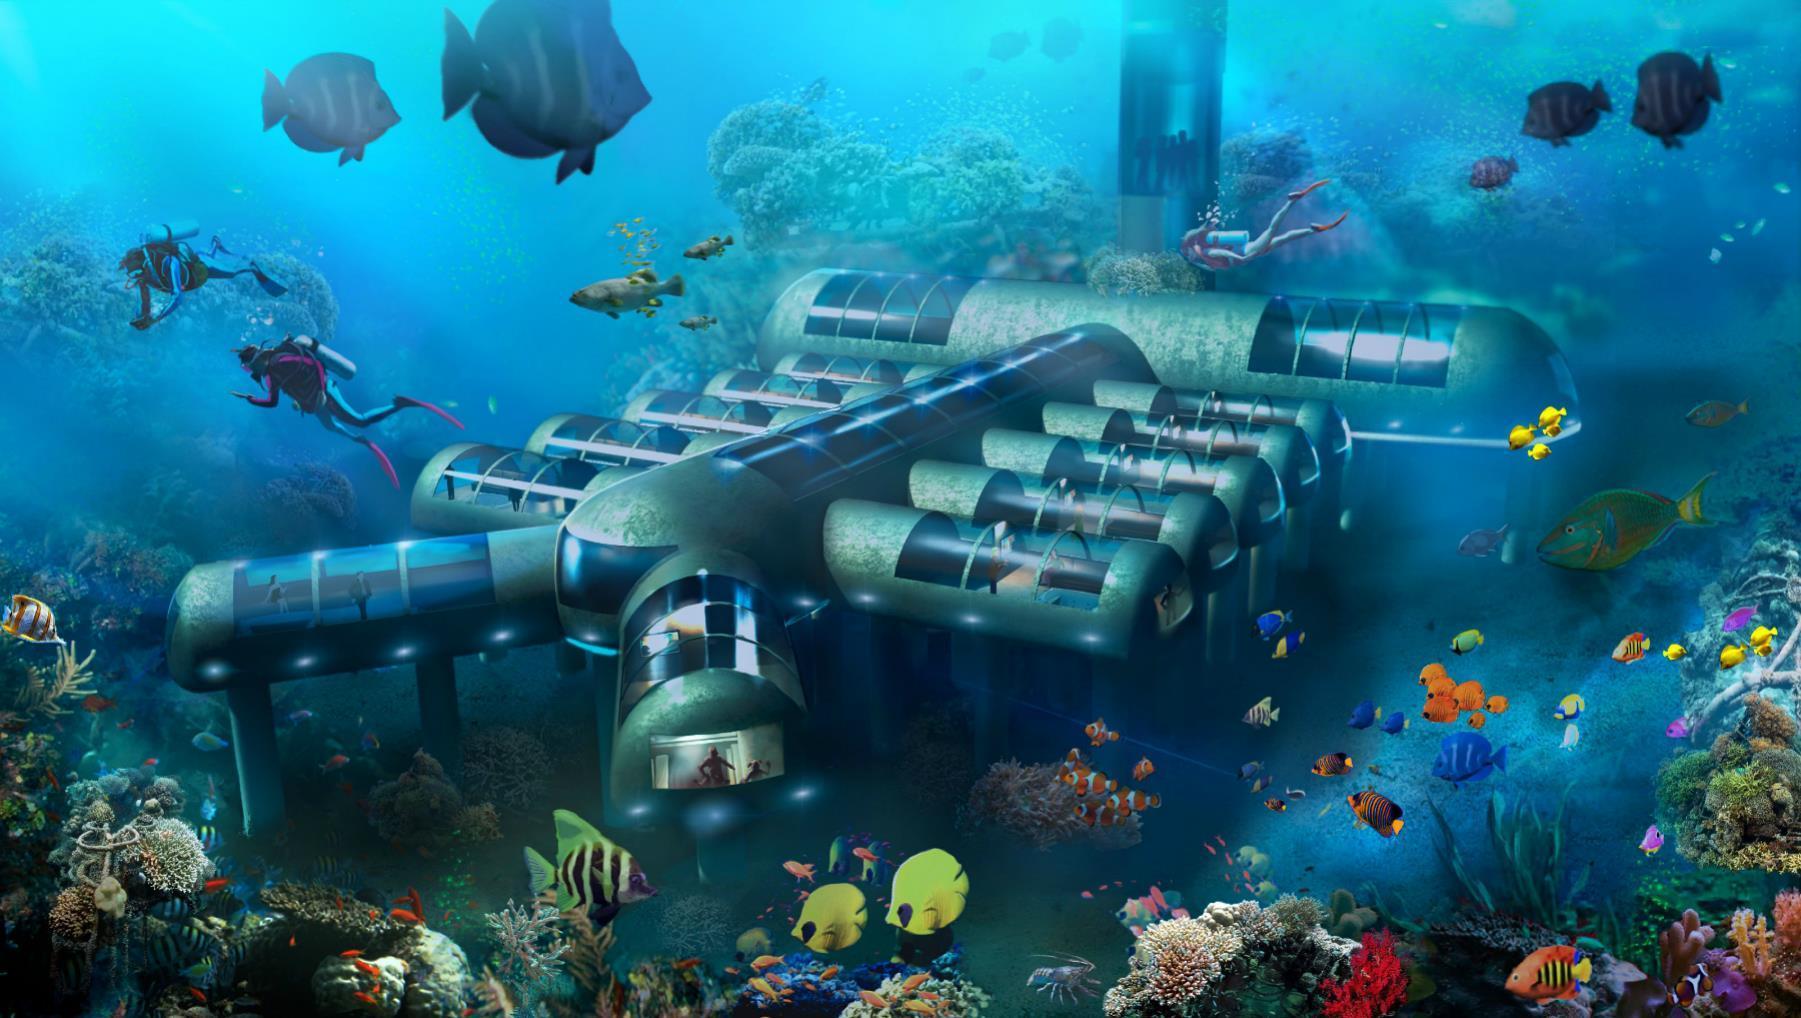 Los hoteles subacuáticos, la nueva tendencia en alojamiento